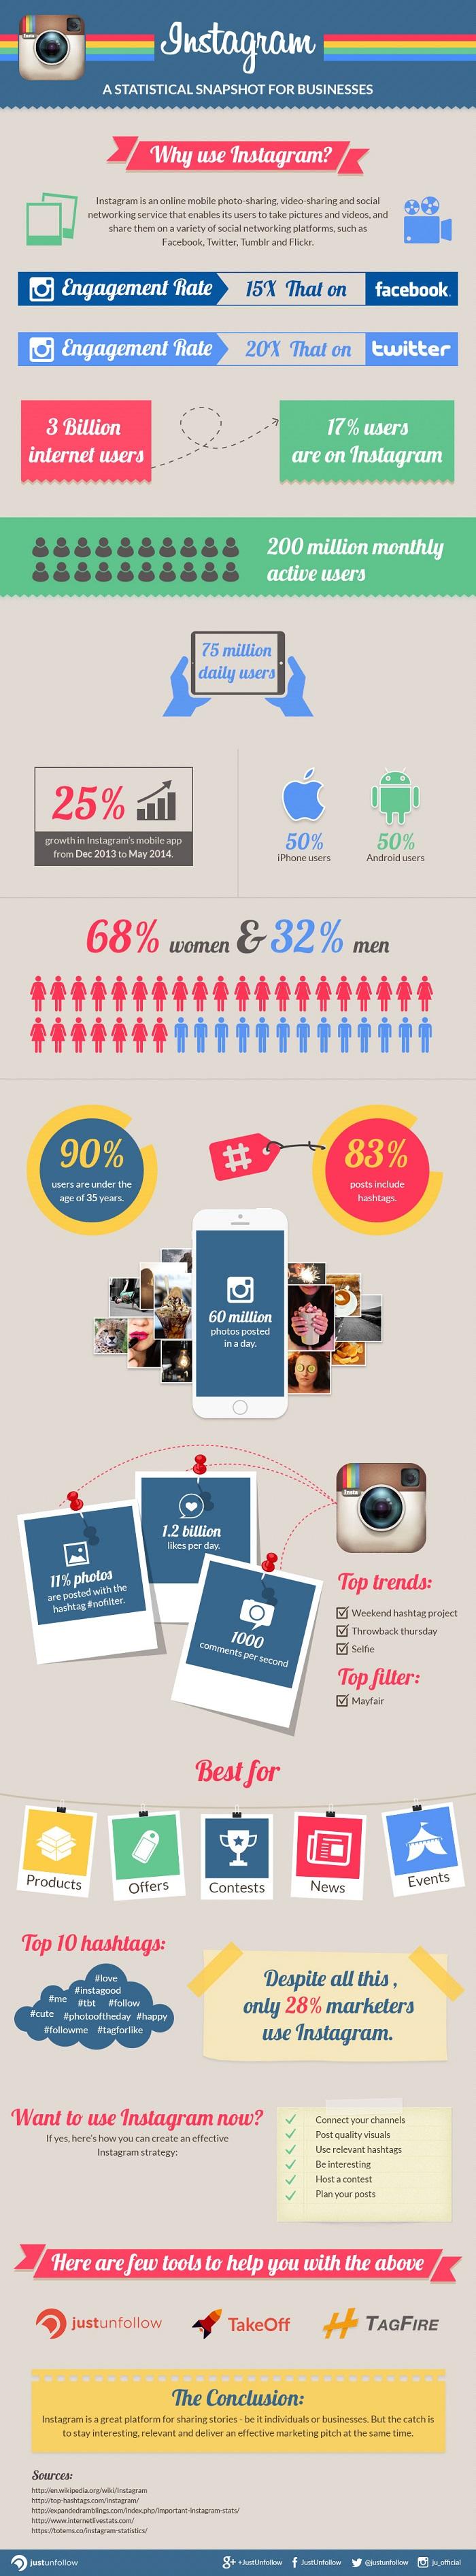 Infografia-Datos-Uso-Instagram-Marcas-2014-PB